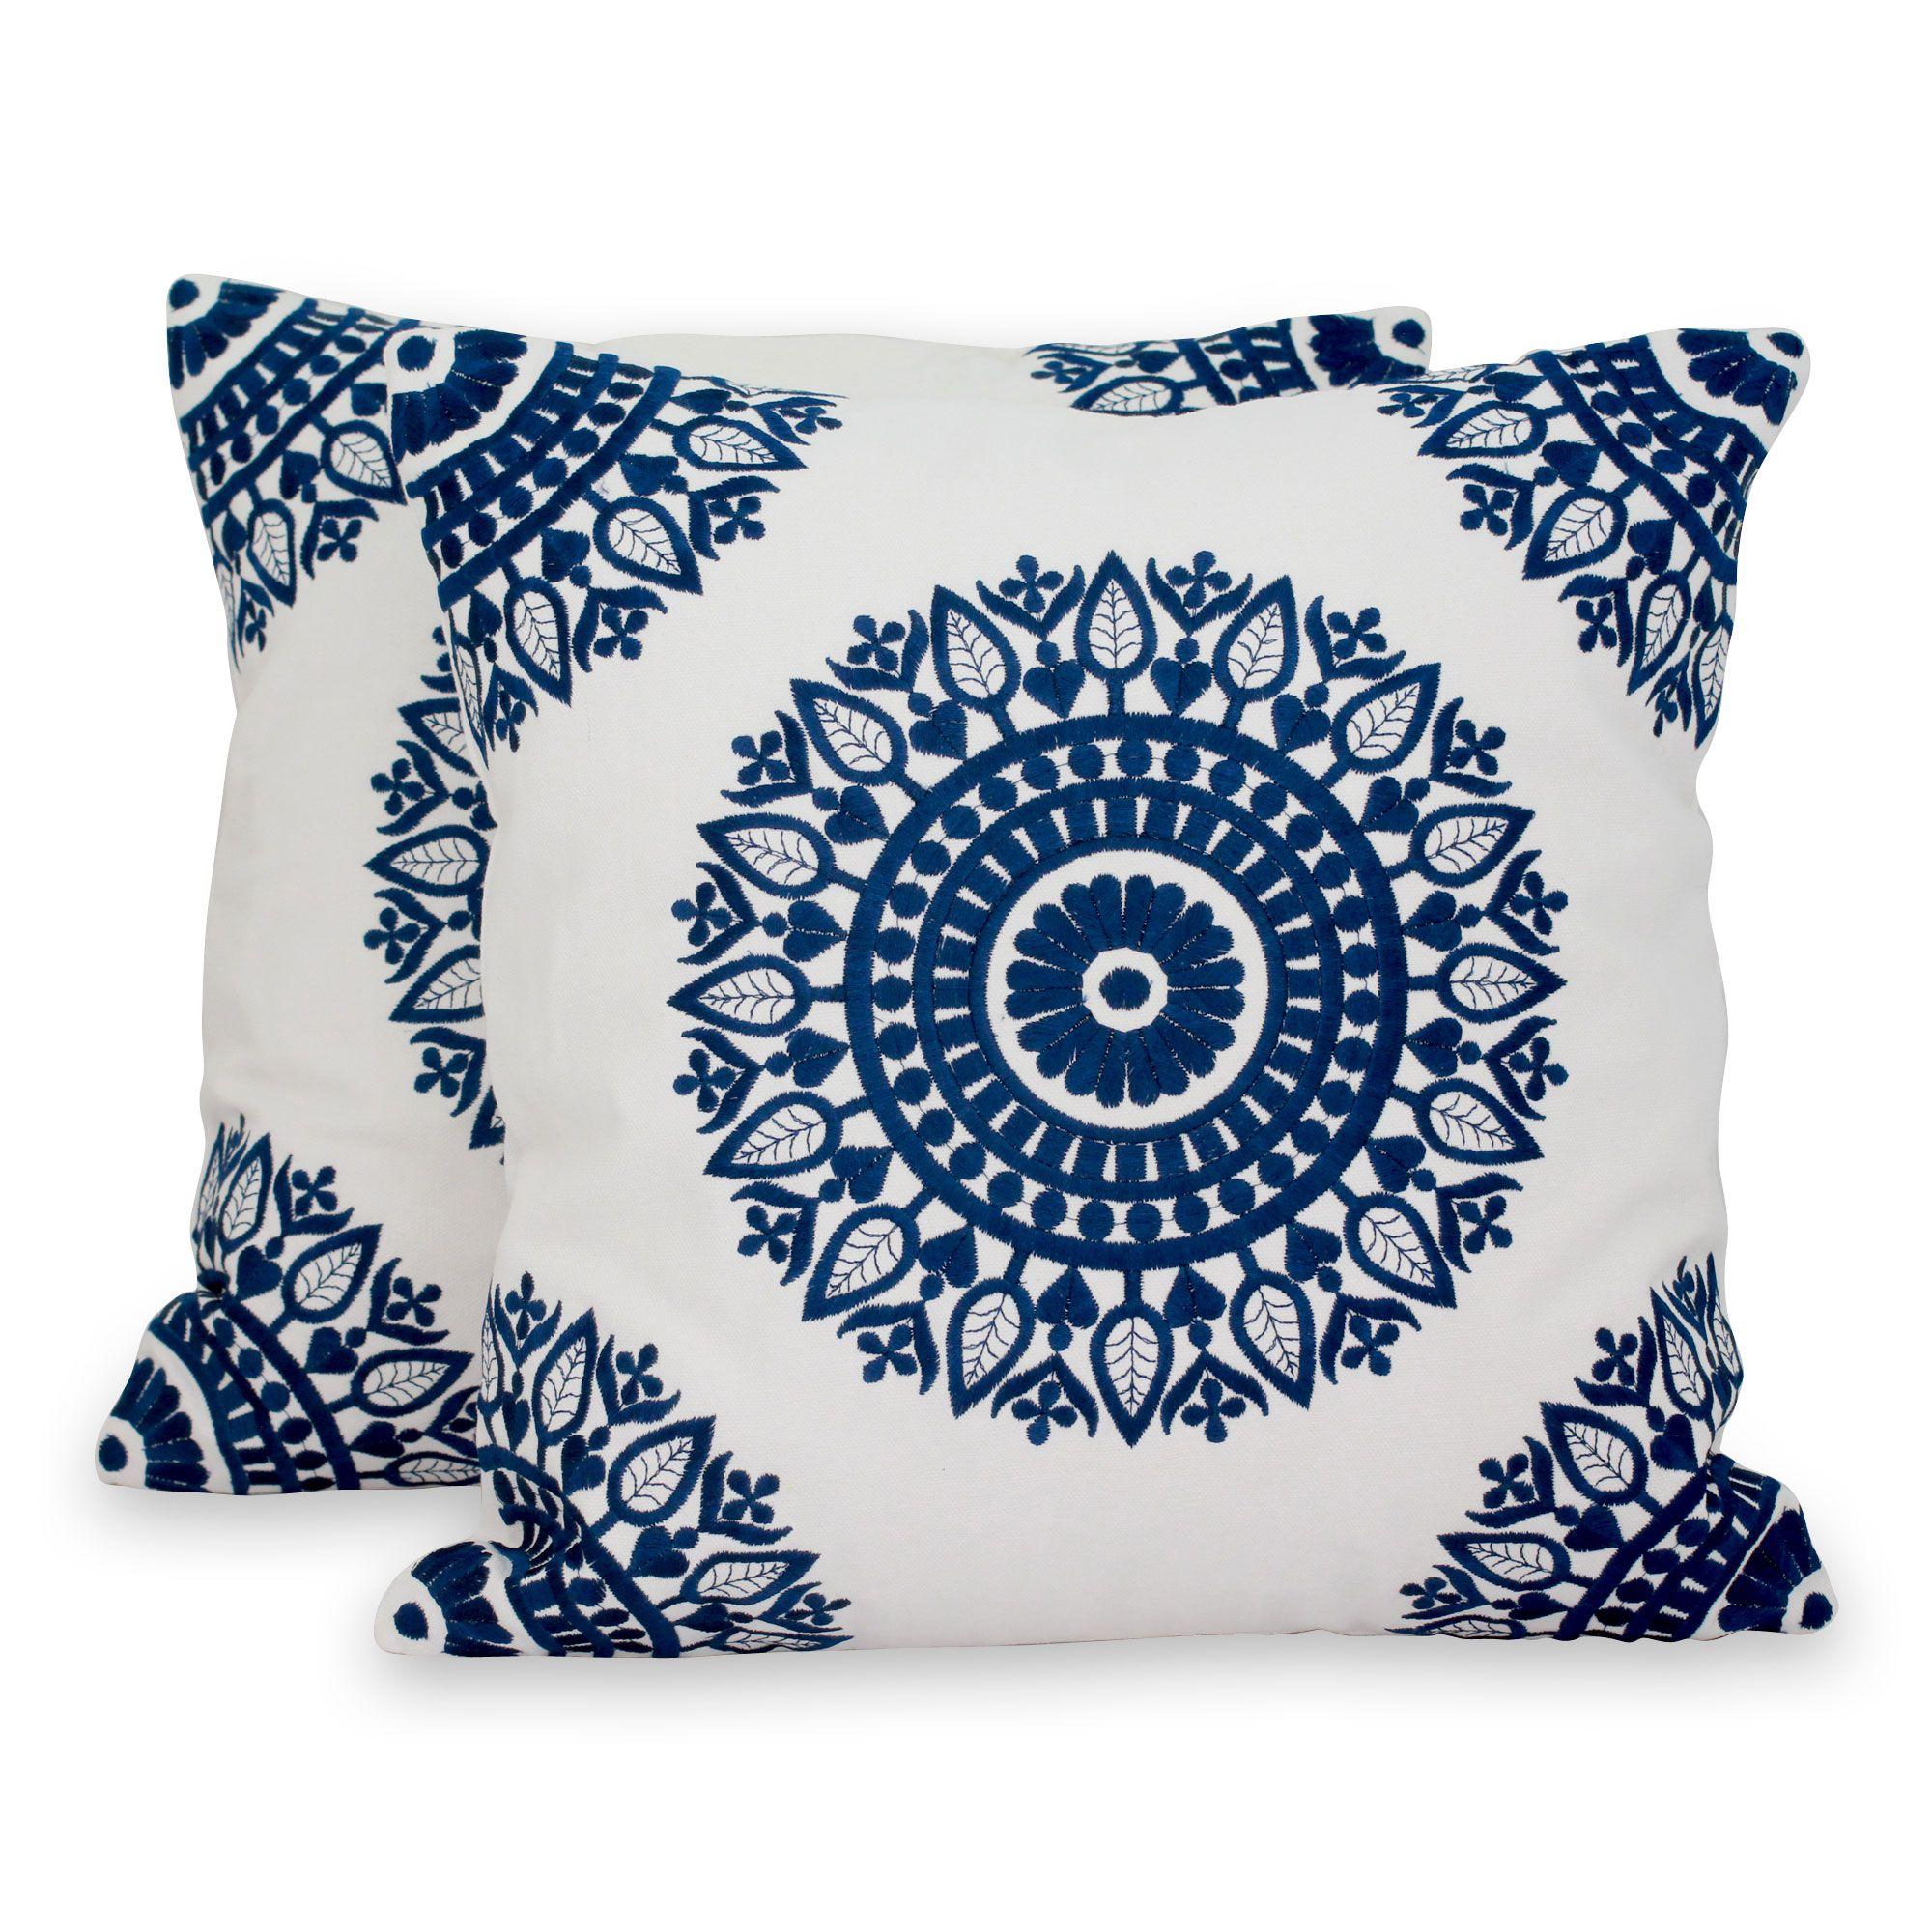 Cotton Cushion Covers Sapphire Blue Mandalas Pair Embroidered Throw Pillows White Cushion Covers Embroidered Pillow Covers